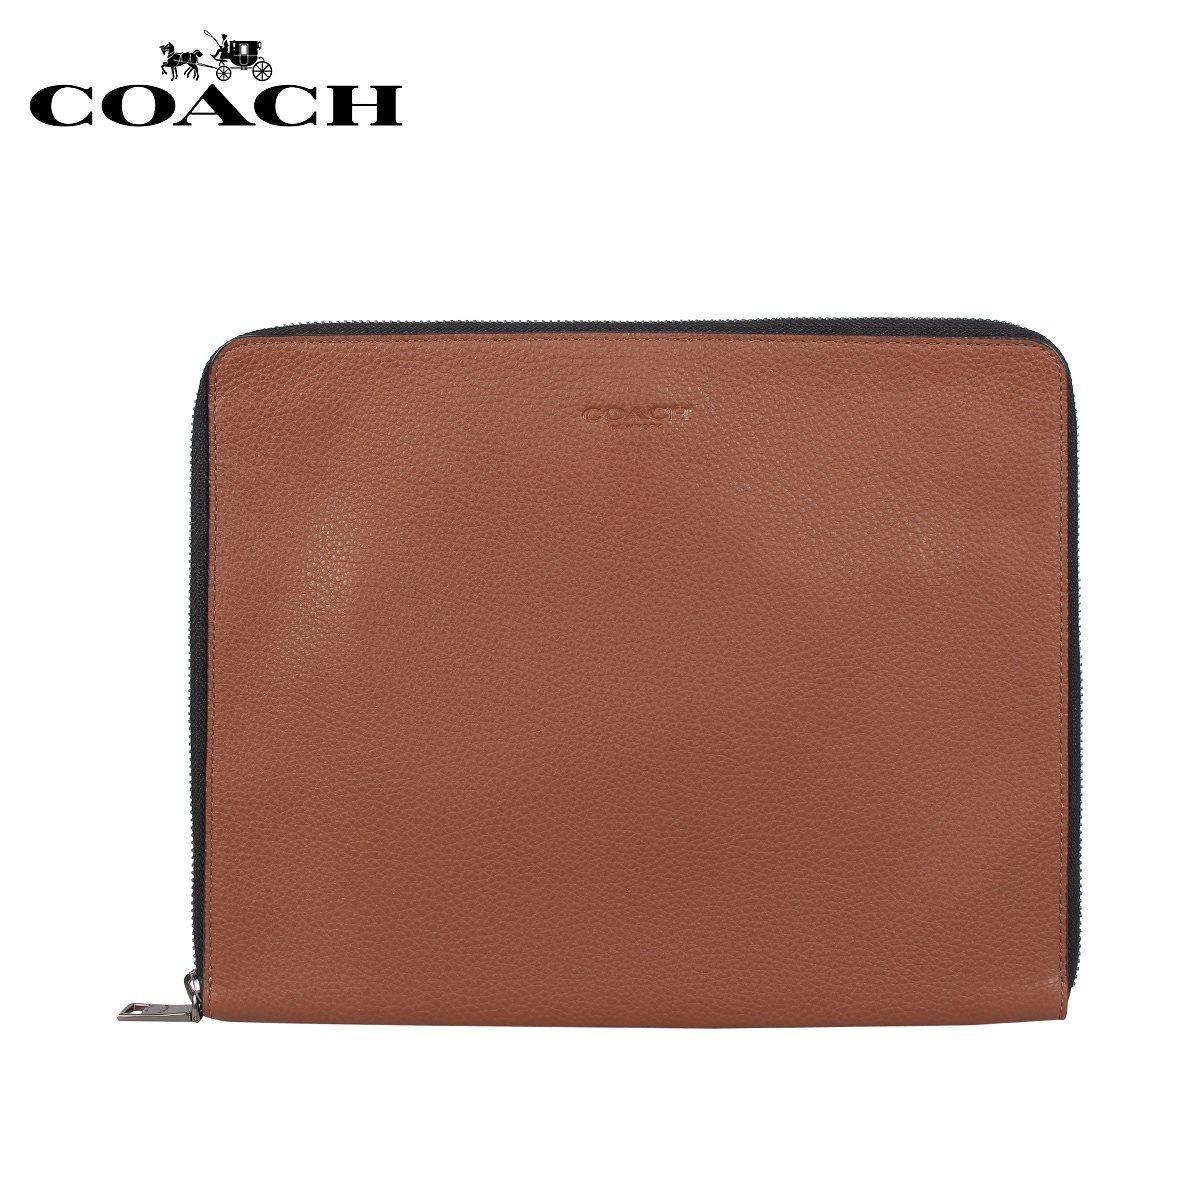 コーチ COACH バッグ クラッチバッグ セカンドバッグ タブレットケース メンズ ブラウン F25473 [3/19 新入荷]